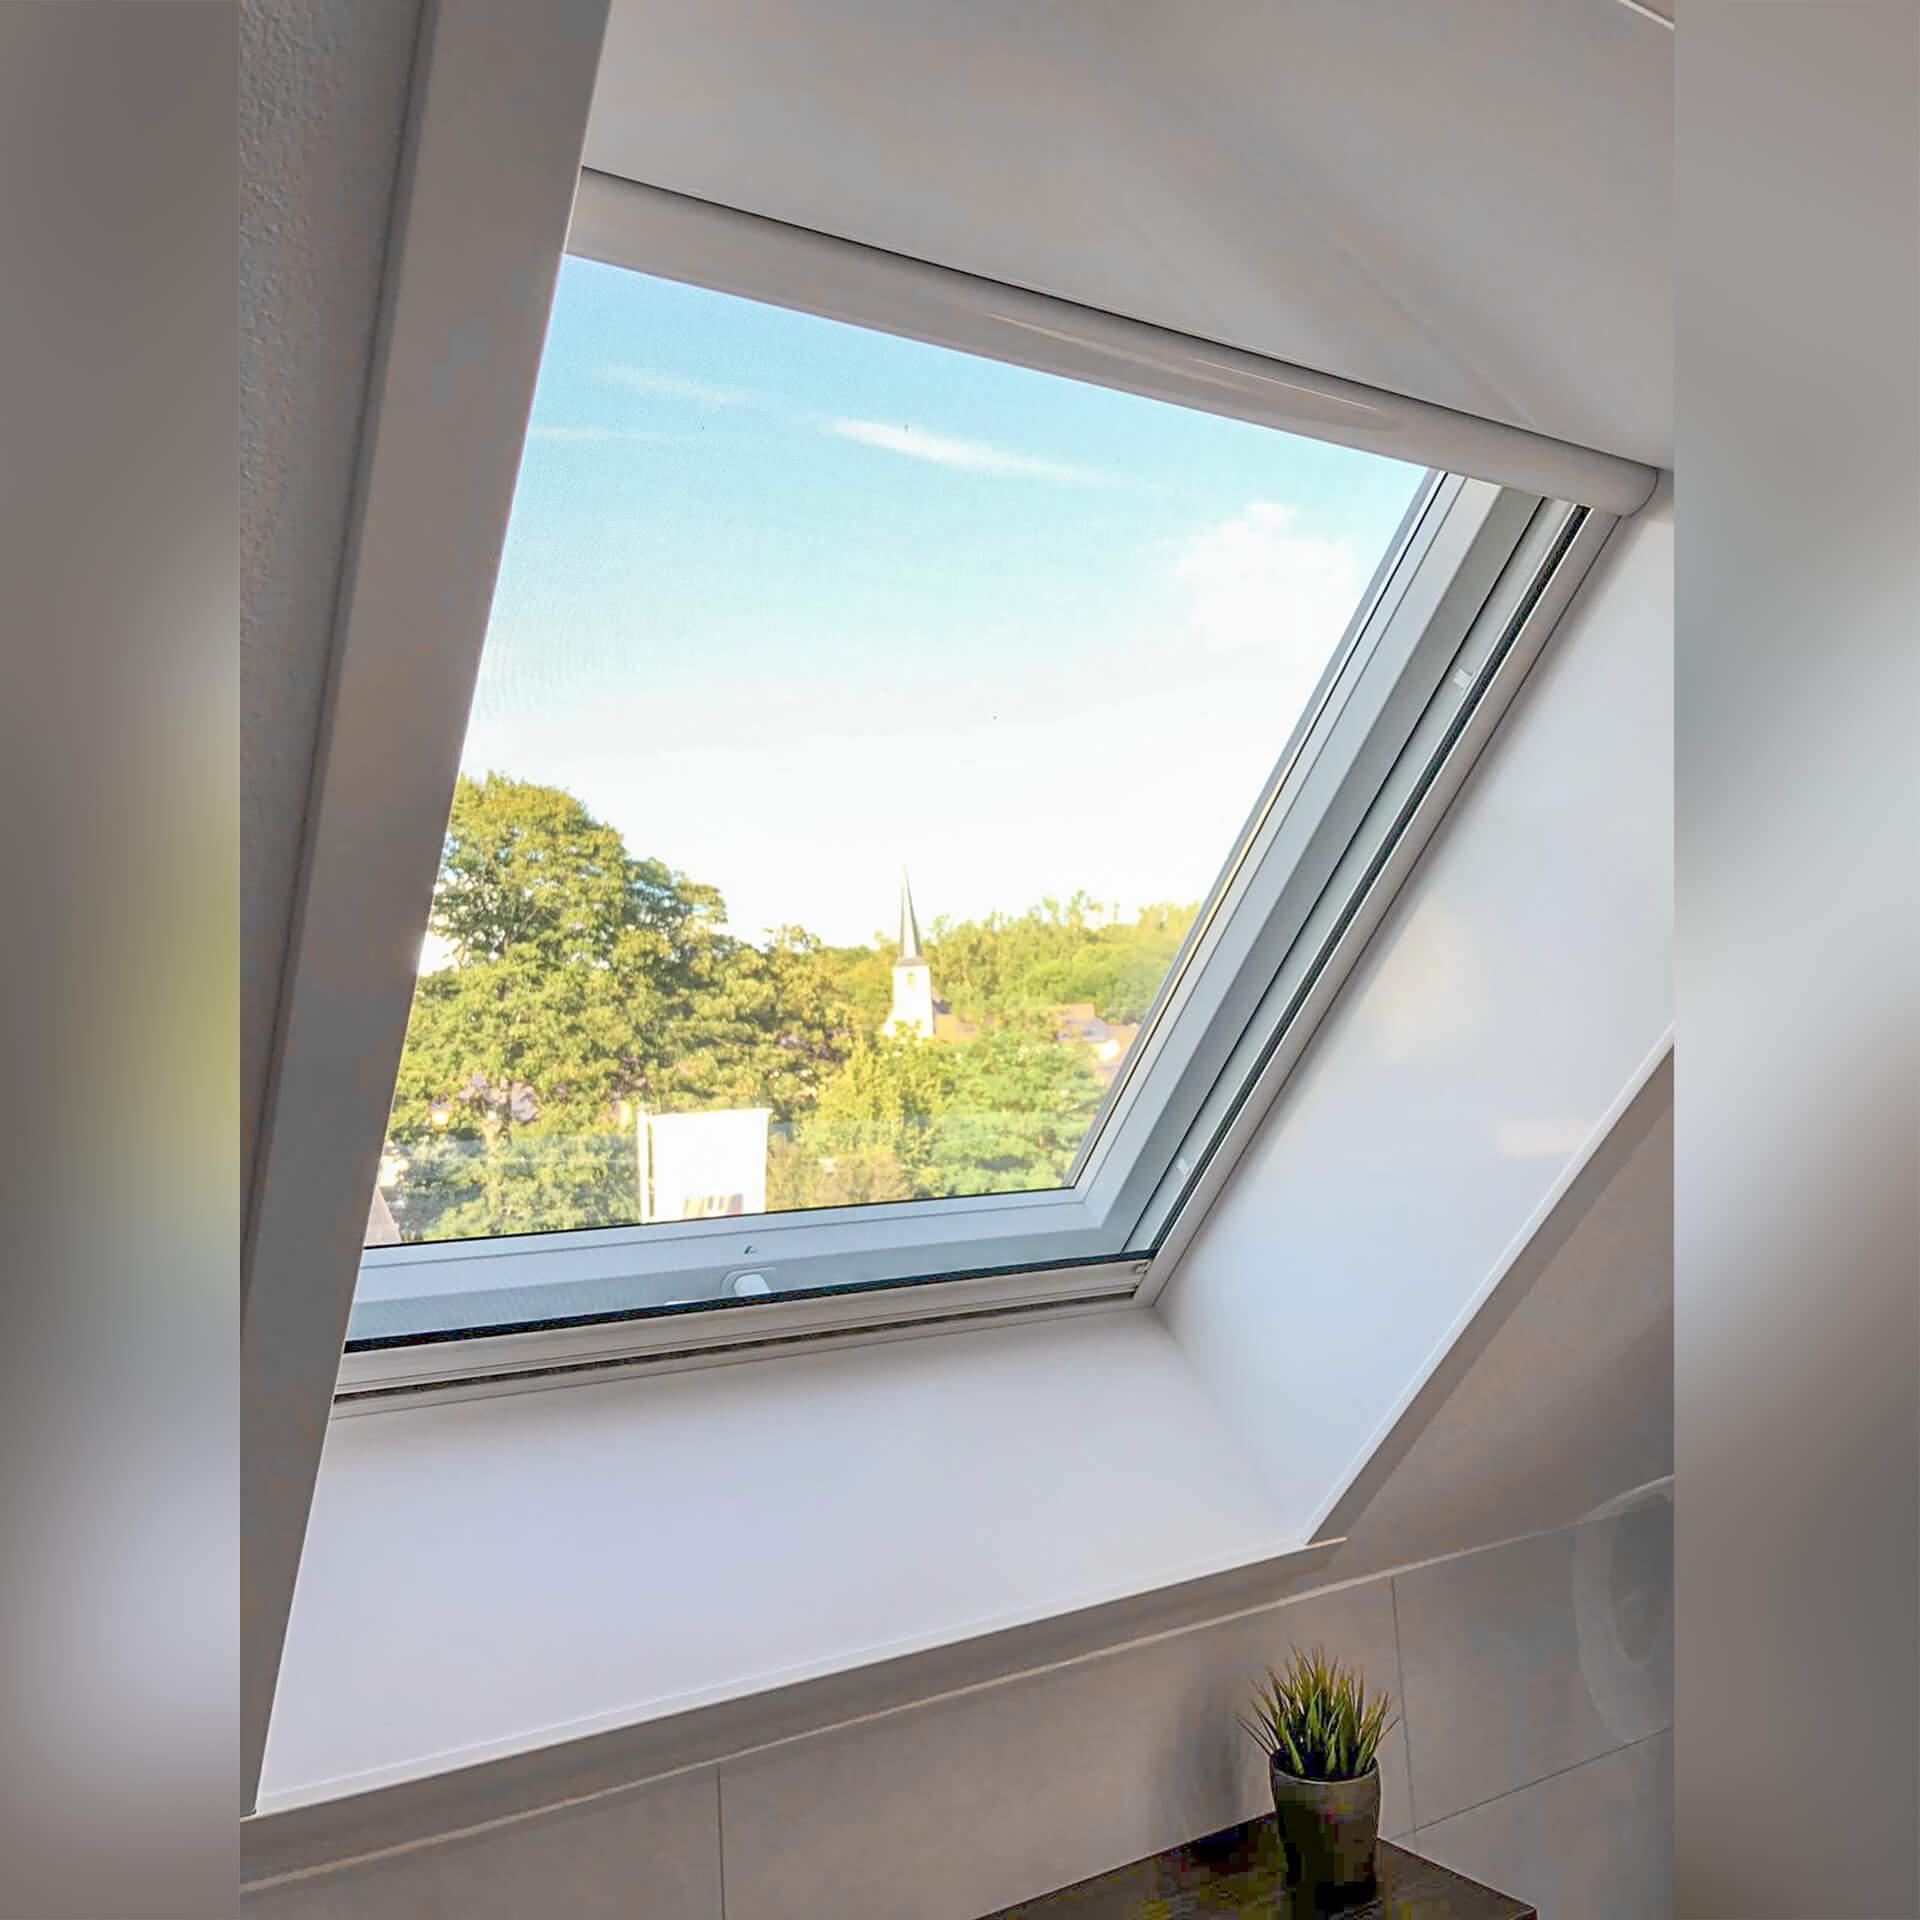 Unser Bestes für Dachfenster | abgerundete Ecken | Bürstendichtung  | StarlineFix